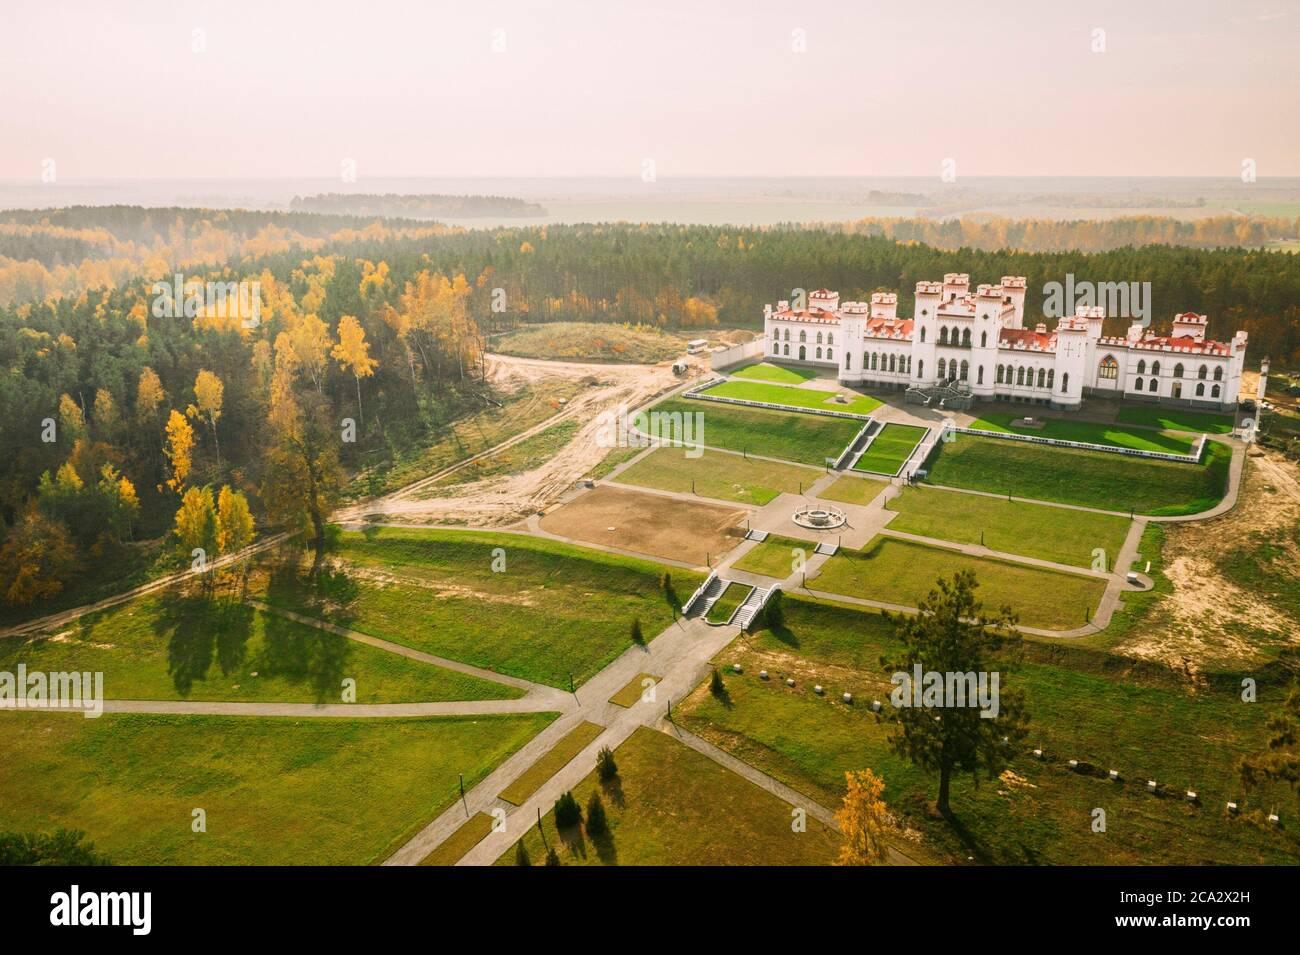 Kosava, Belarús. Antena vista de pájaro del famoso hito histórico popular Kosava Castillo. Puslowski Castillo Palacio. Y Patrimonio Histórico. Foto de stock